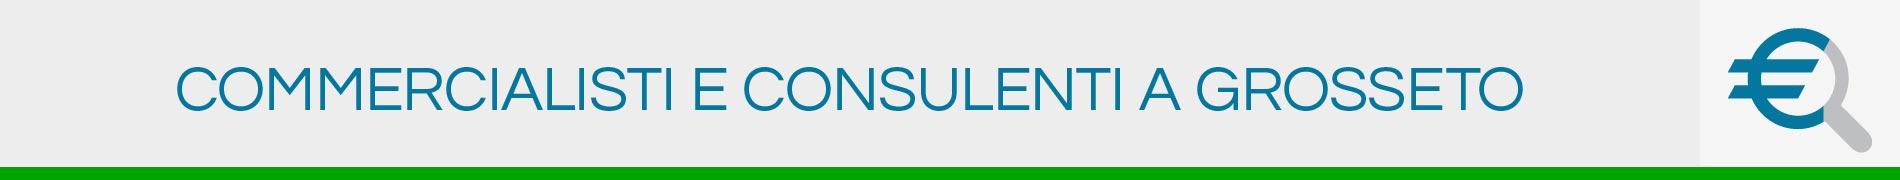 Commercialisti e Consulenti a Grosseto